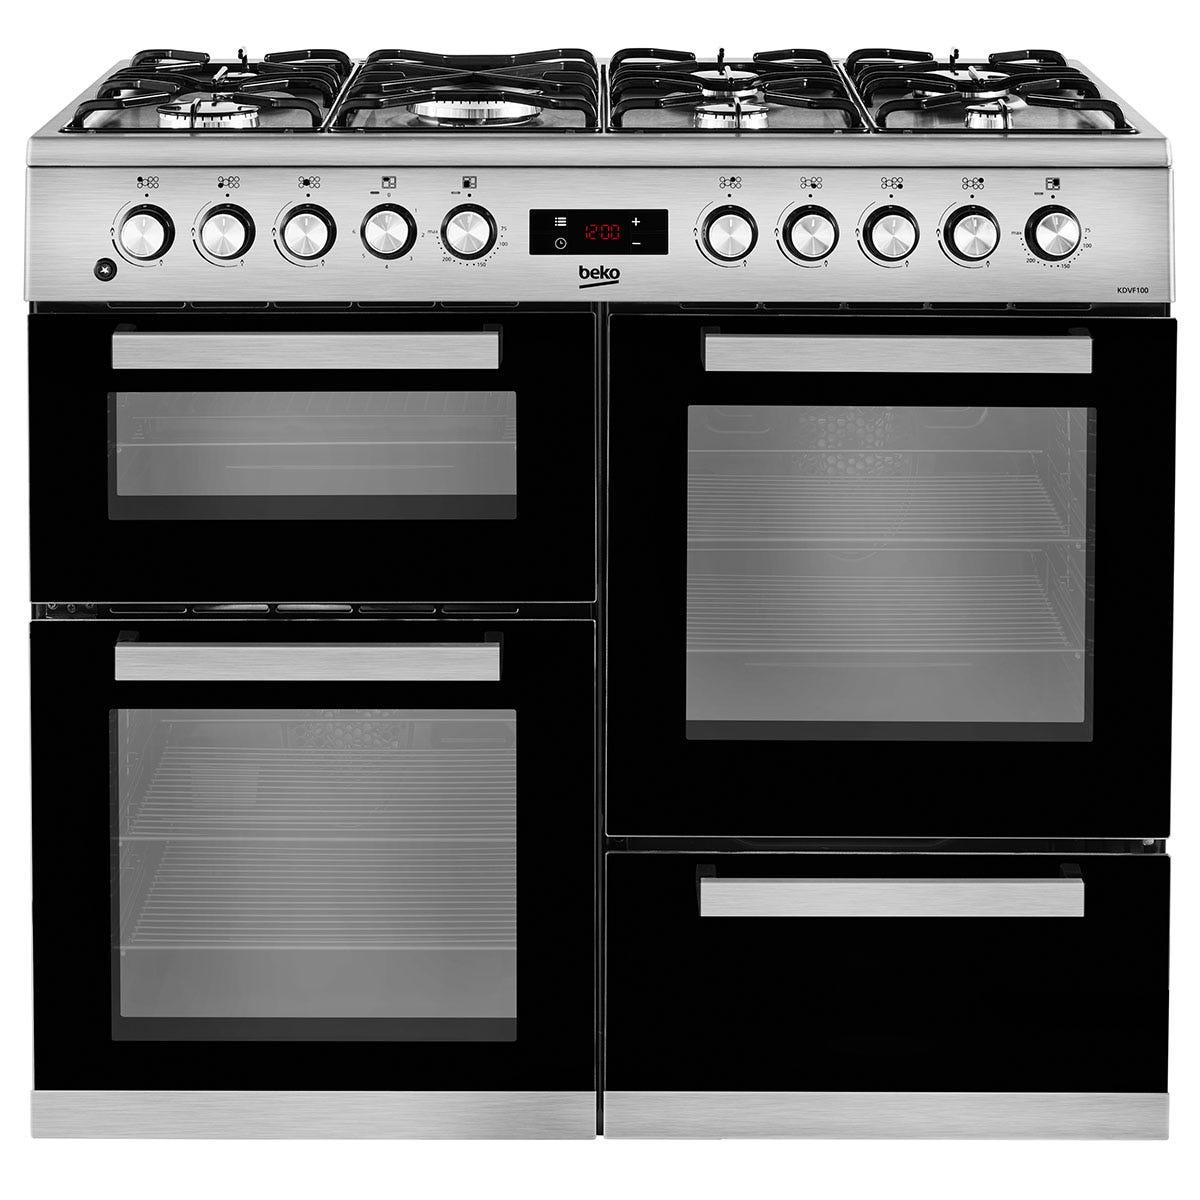 Beko KDVF100X Freestanding 100cm Double-Oven Range Cooker - Stainless Steel